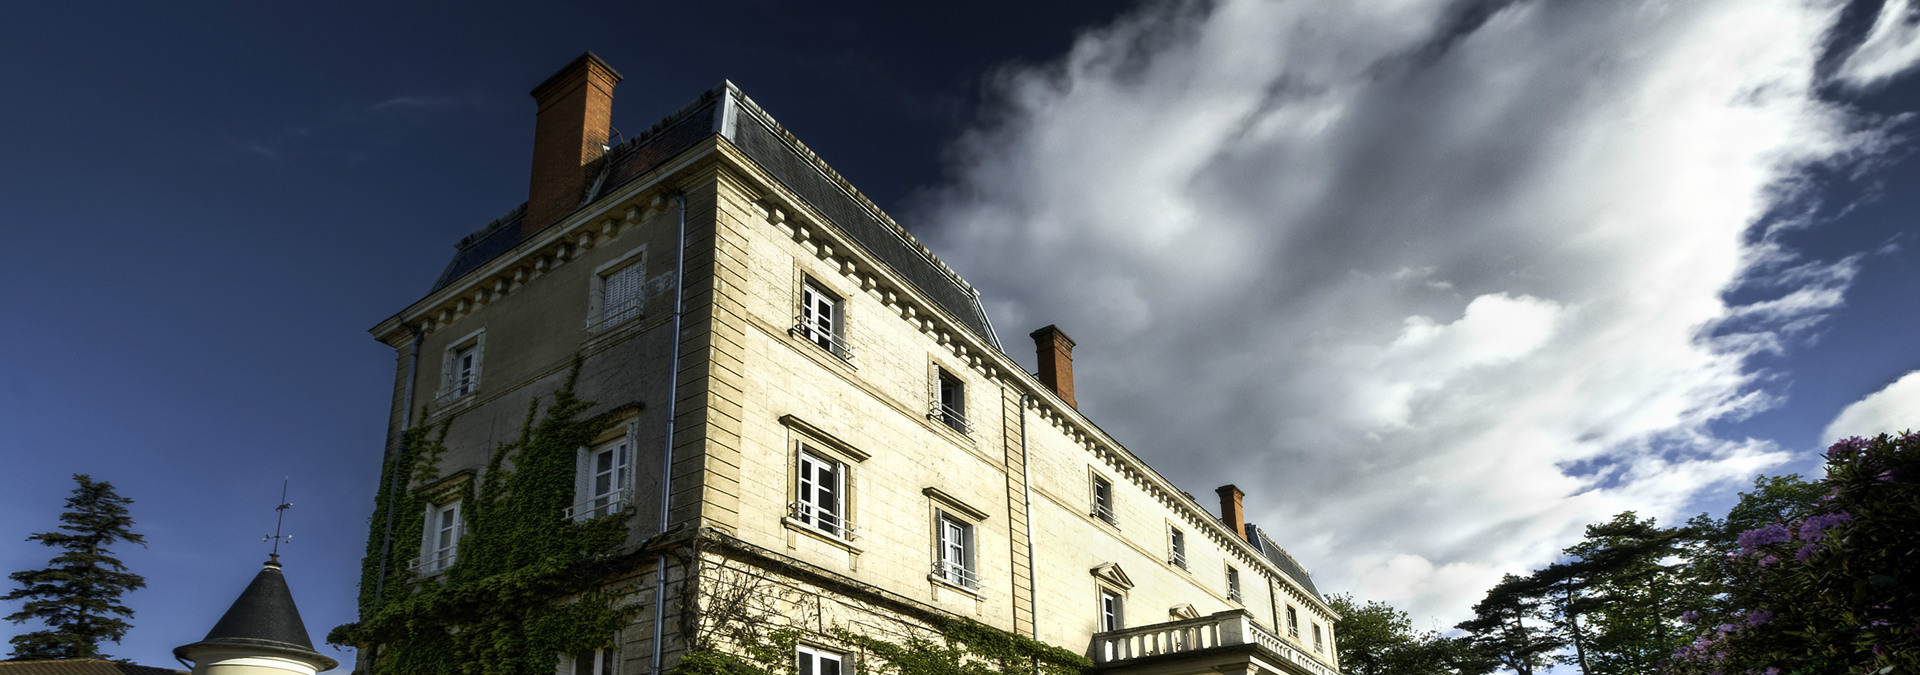 Château de Bellevue